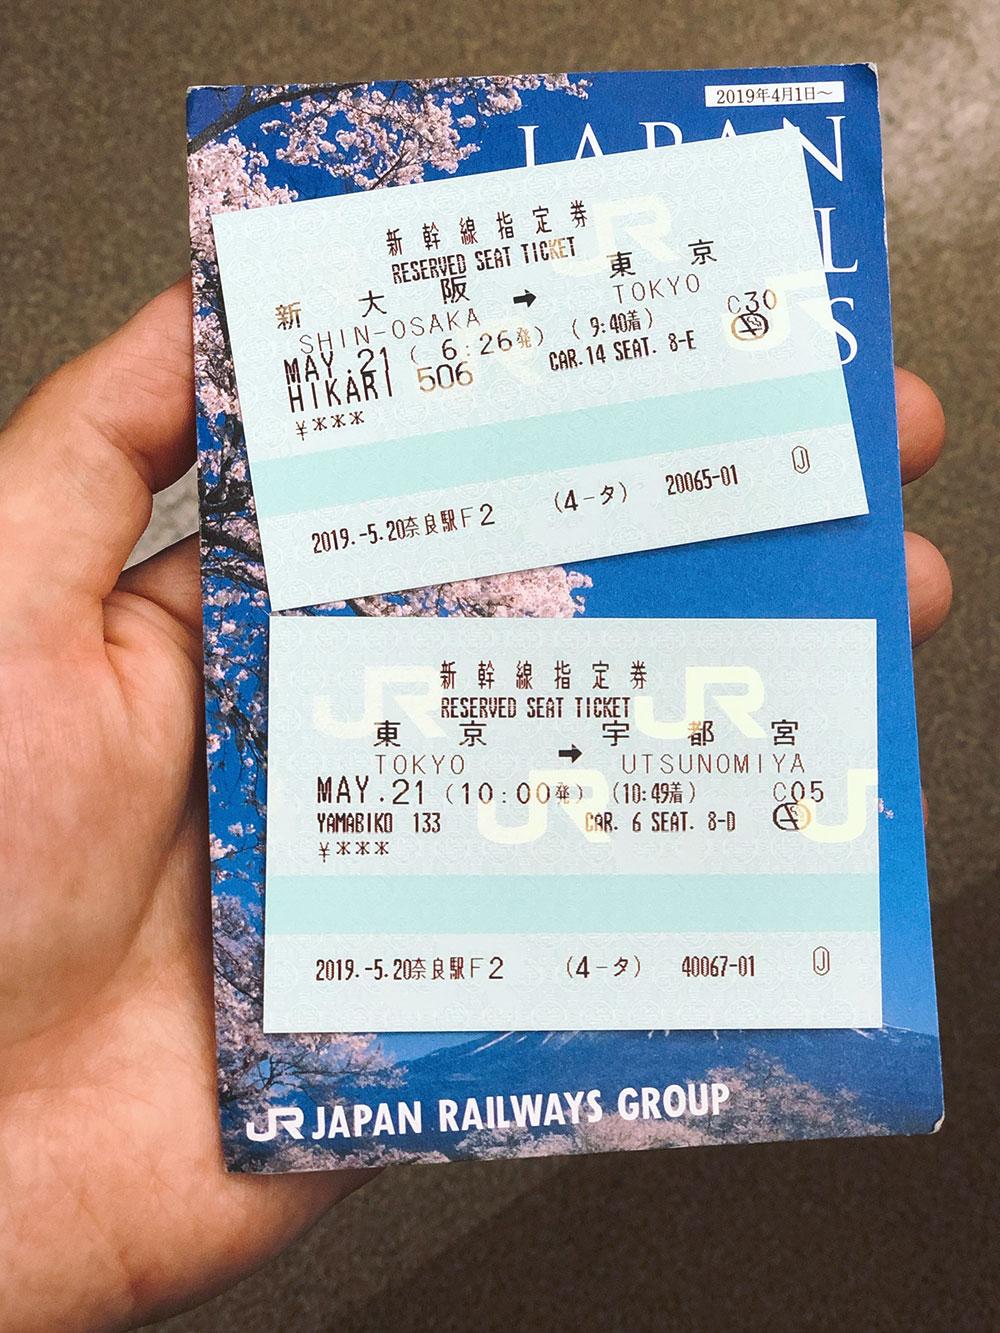 Билеты на два синкансена от станции Син-Осака до станции Уцуномия с 20-минутной пересадкой в Токио